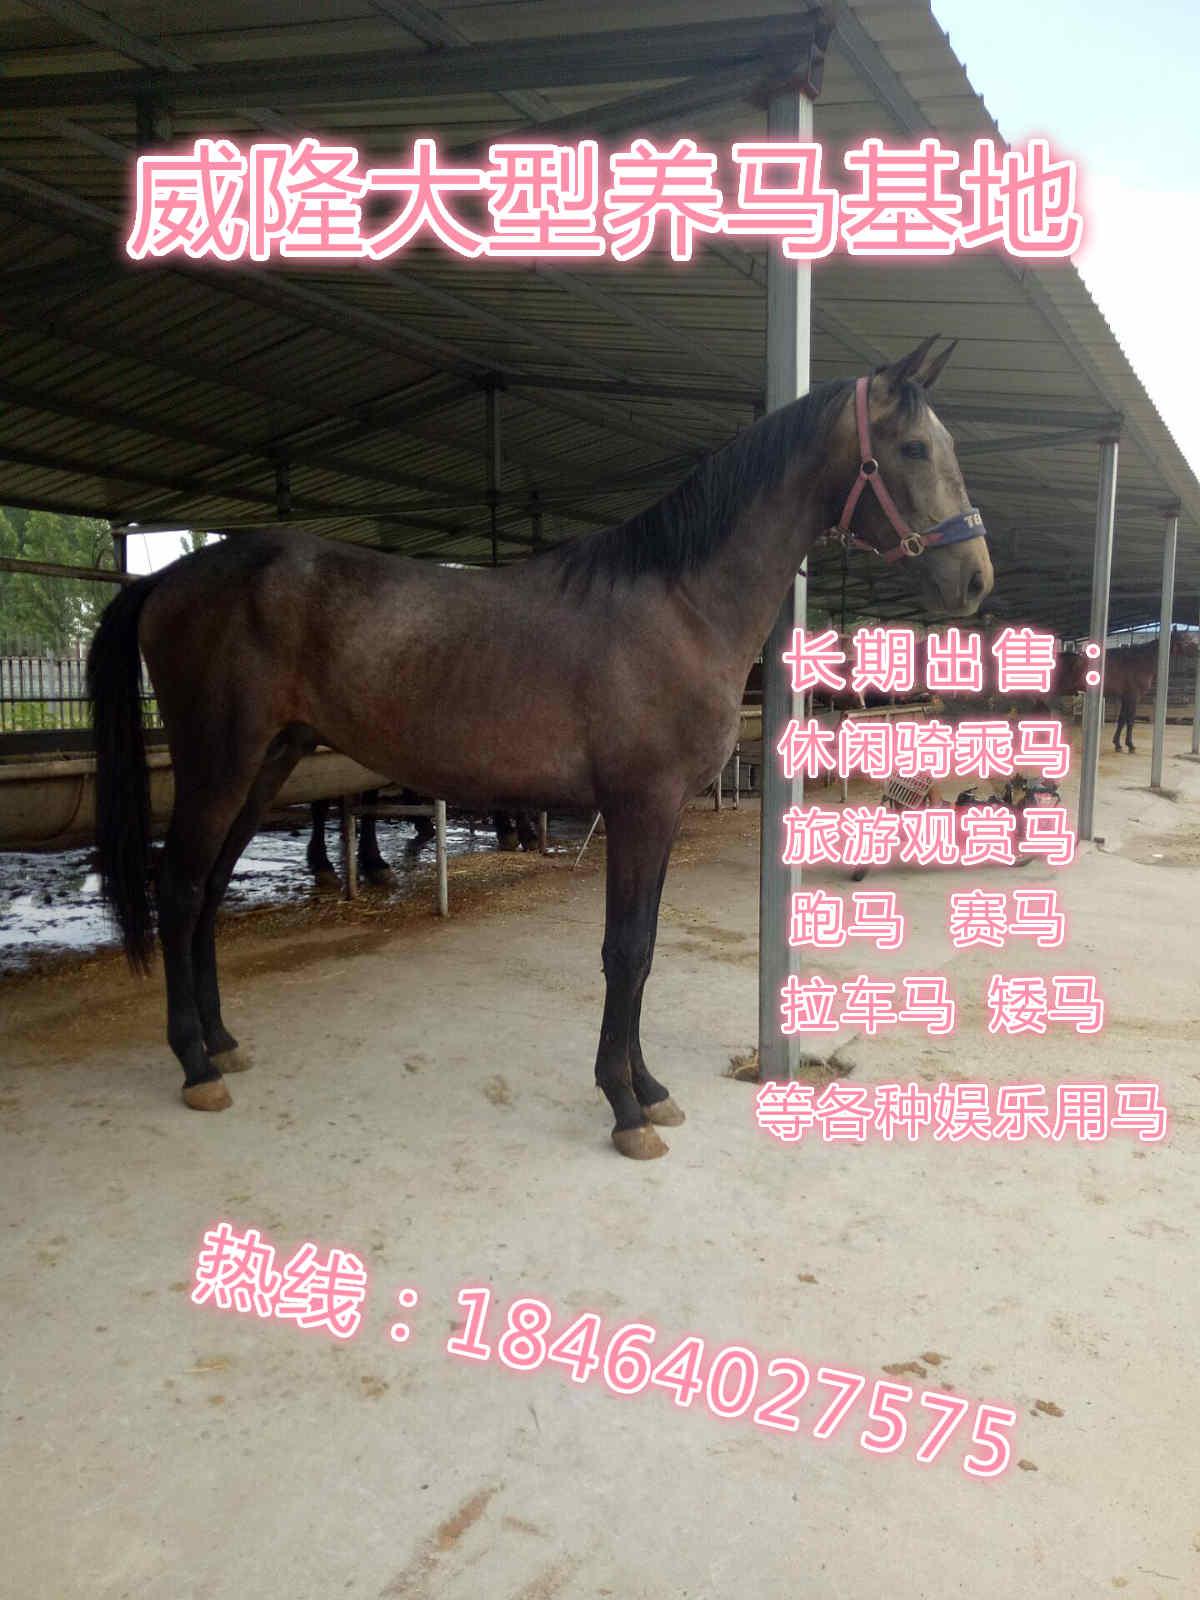 辽宁哪里有马匹出售基地养殖骑乘马卖马的